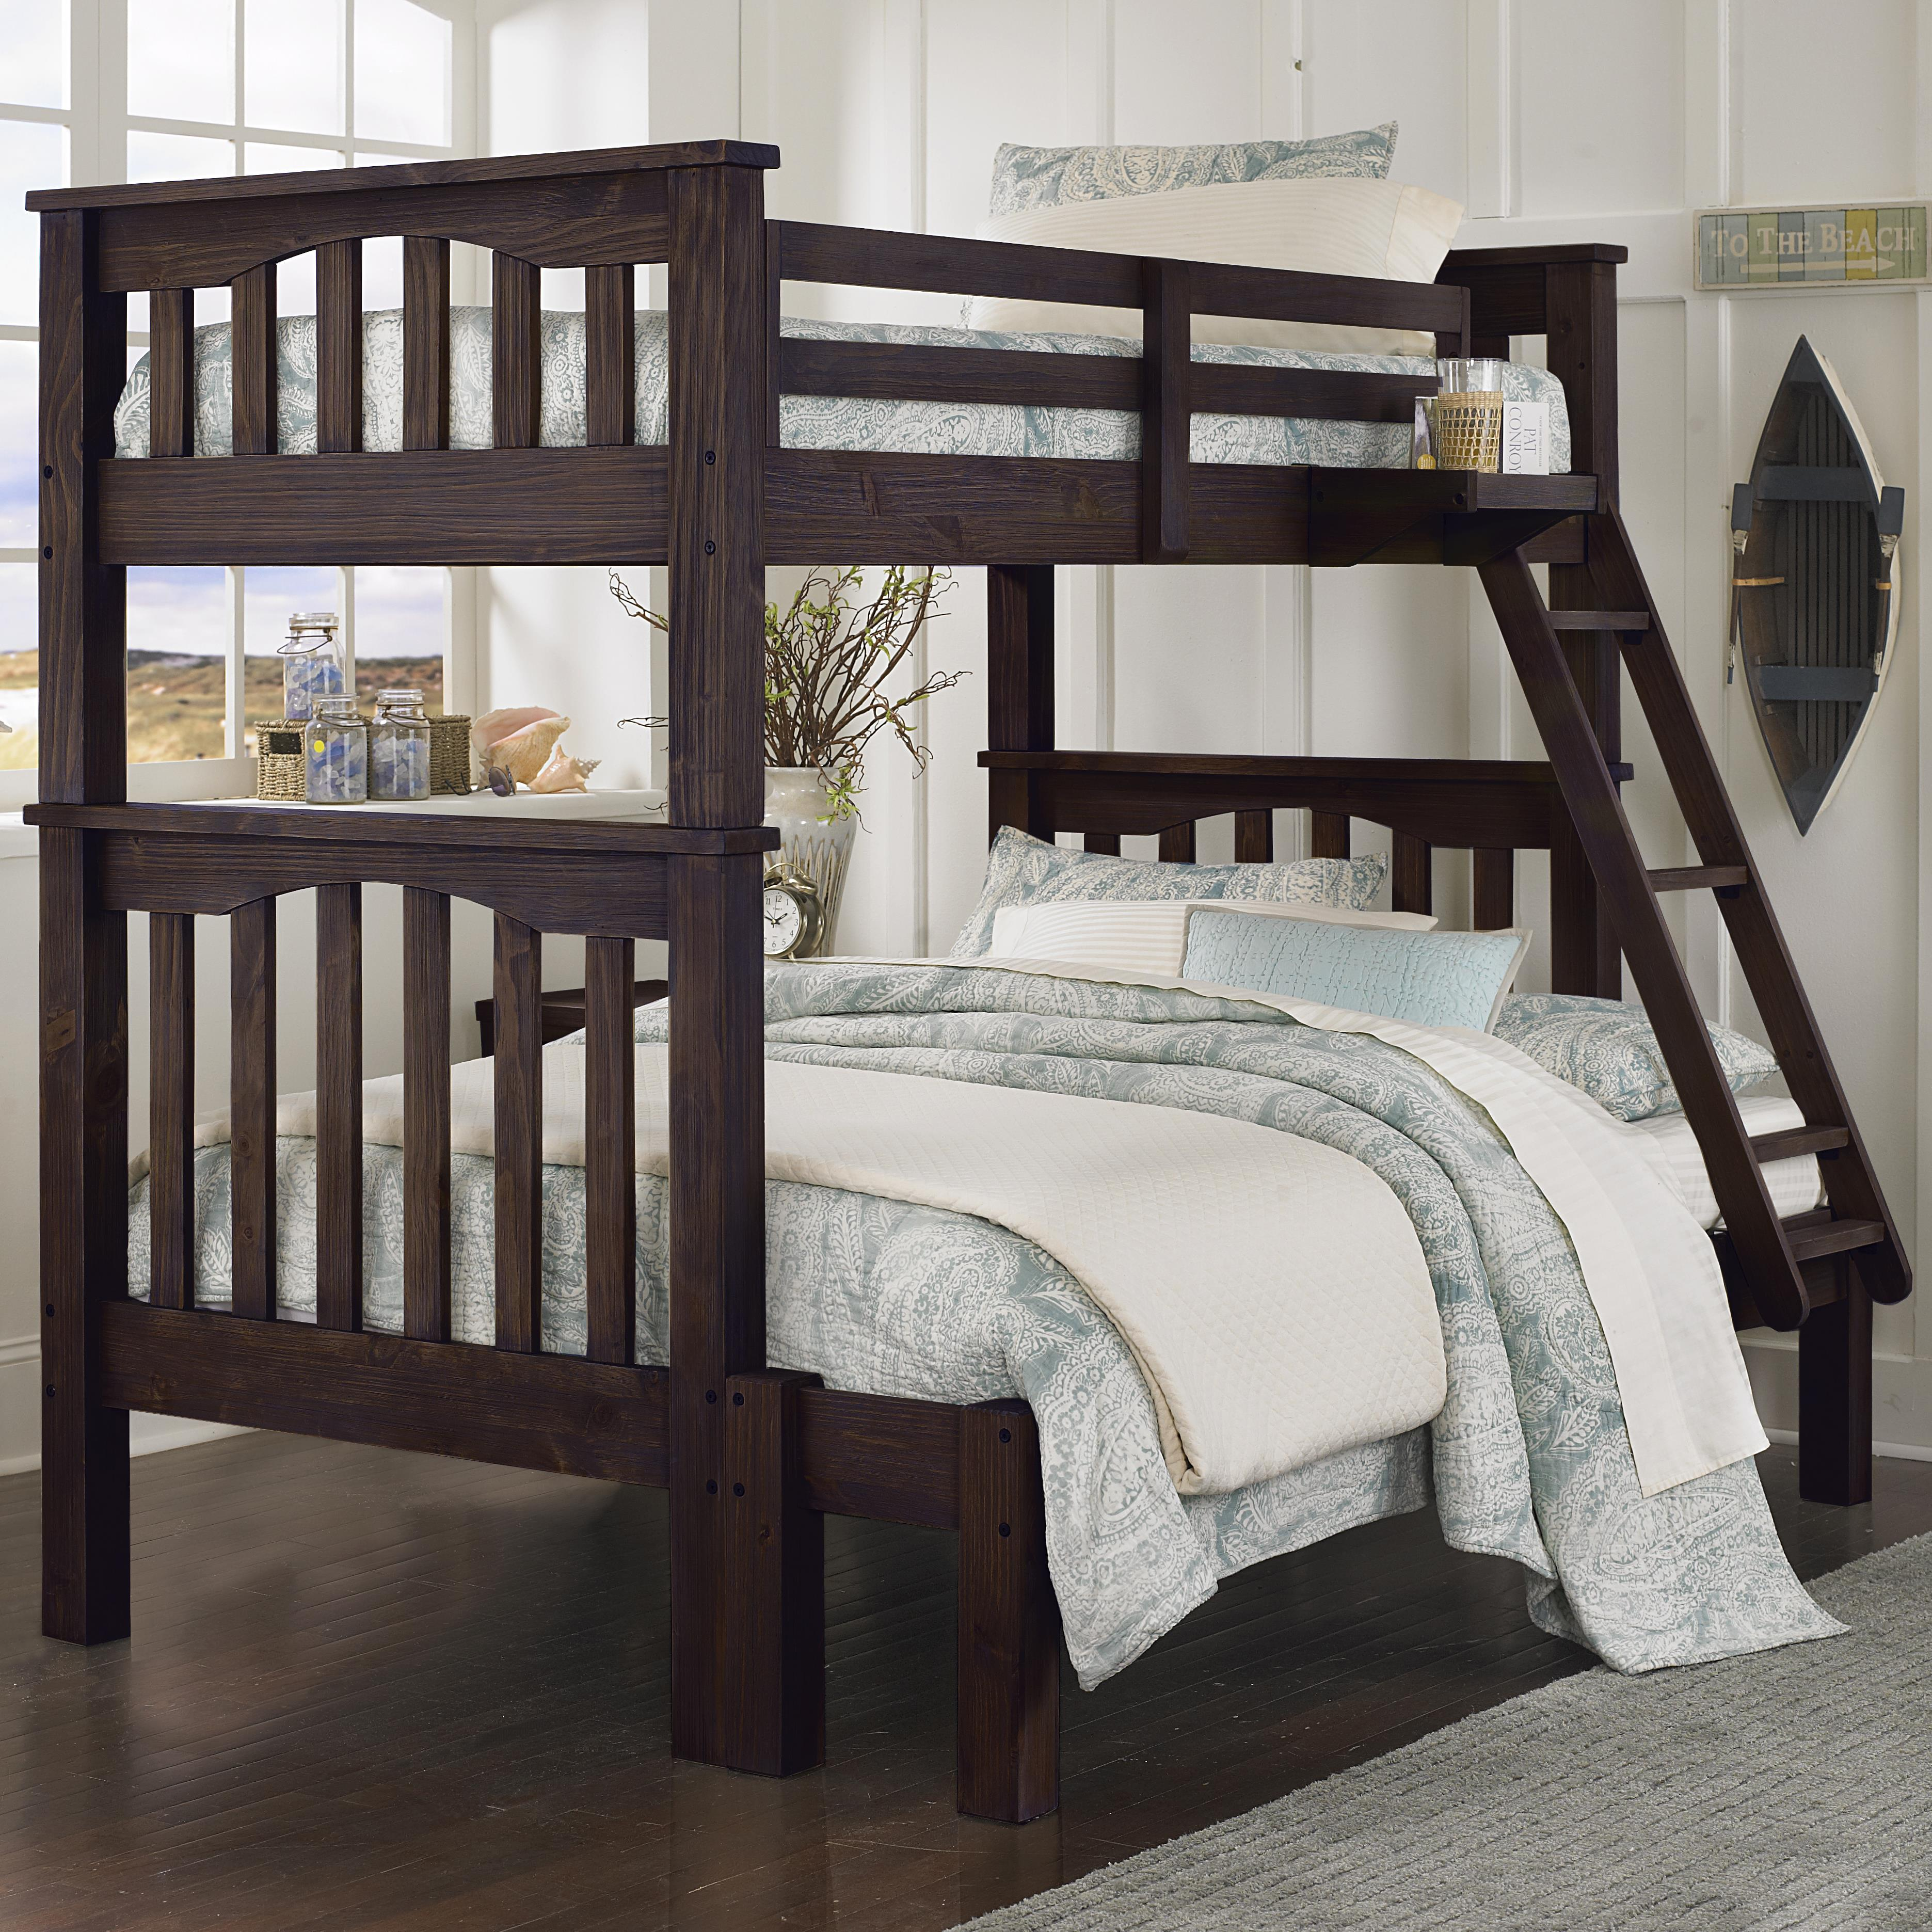 NE Kids Highlands Harper Twin Over Full Bunk Bed - Item Number: 11055+11535